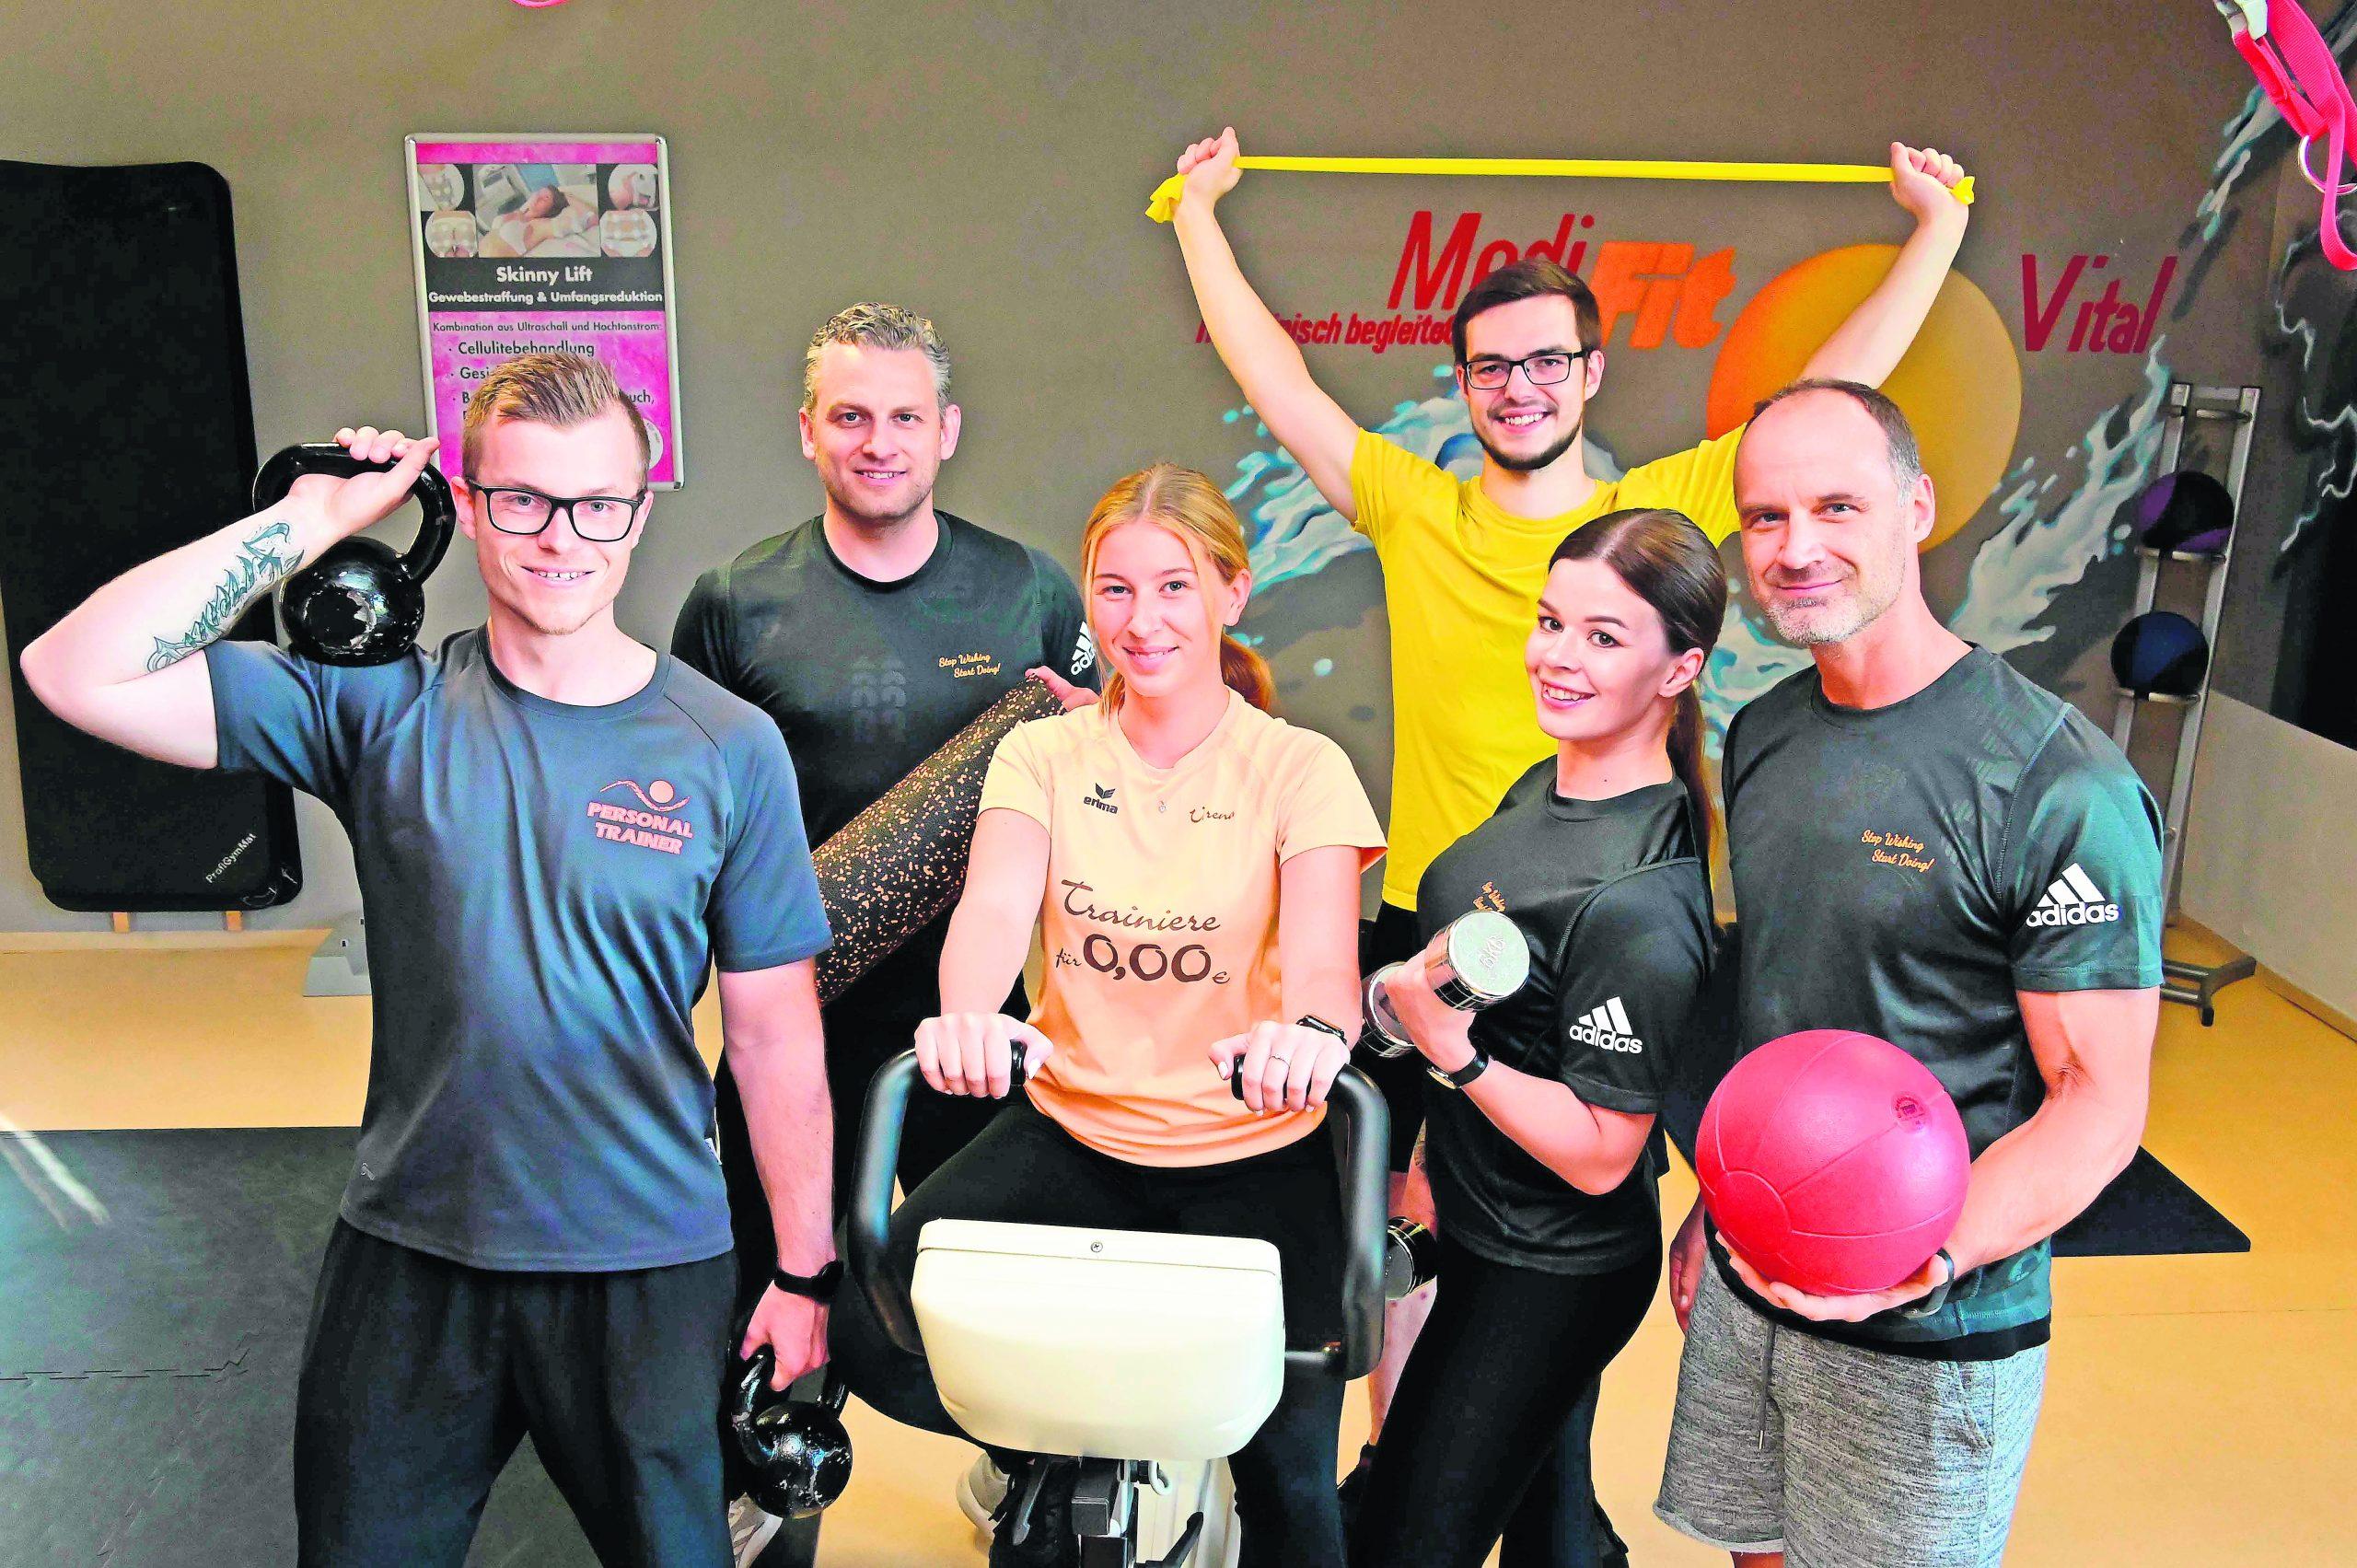 Trainieren Sie mit den Fitness-Profis!